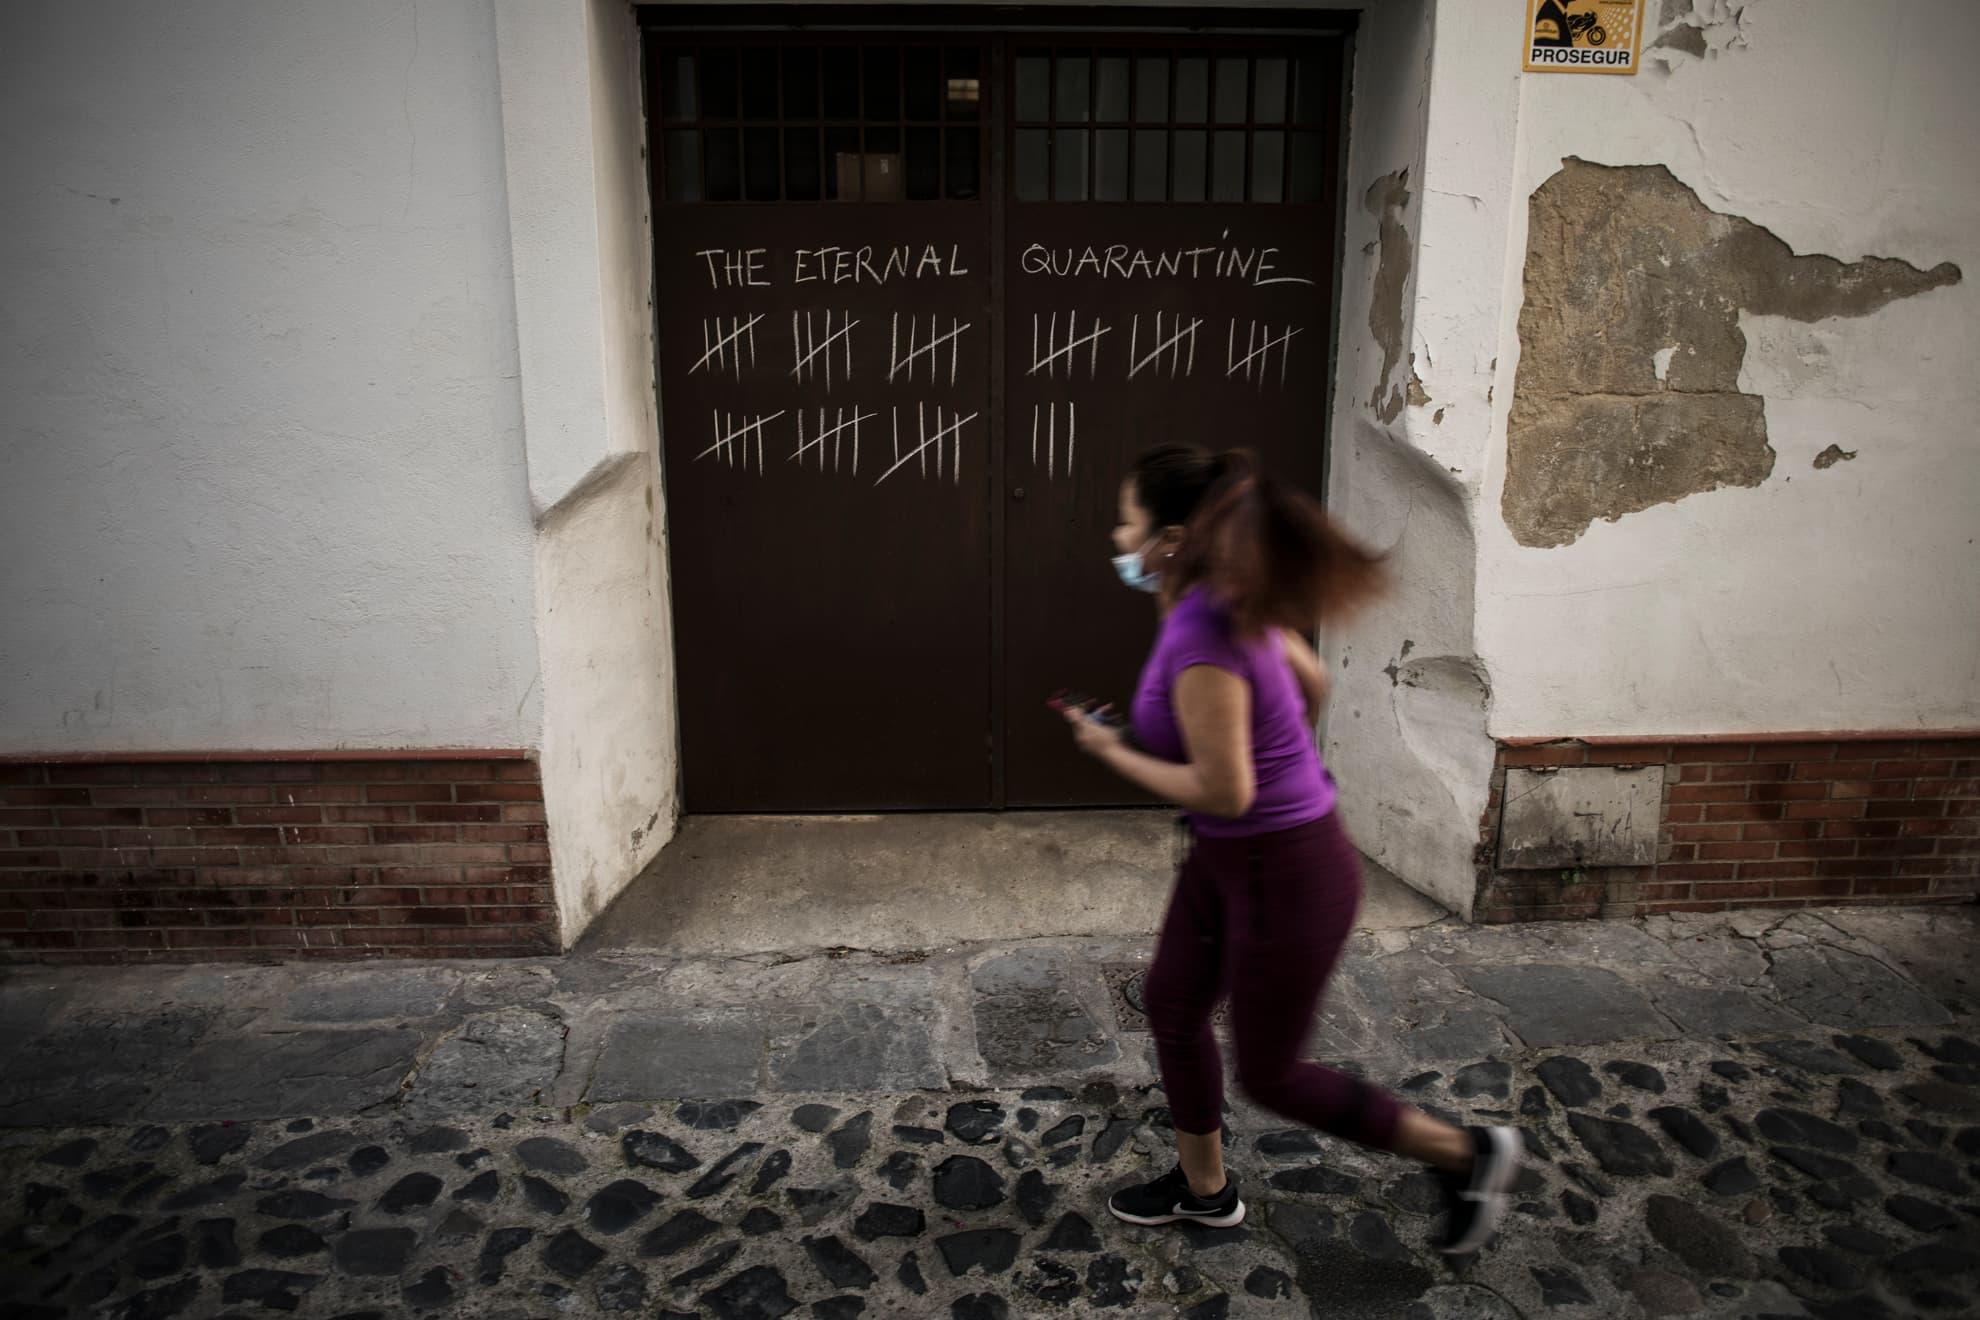 """La artista Julia Sangil, de 21 años, tuvo que dejar la universidad y regresar a casa de su familia en Jerez debido a la pandemia producida por la COVID-19. Tras días confinada, tenía la sensación de no saber en qué día vivía, todos los días eran iguales, lo que le inspiró para realizar una cuenta de cada uno que pasaba en la puerta del garaje de su casa con tiza, que ahora luce públicamente 53 días más tarde, y sumando. Eligió el estilo """"carcelario"""", ya que es así cómo siente la situación. En la imagen, una mujer corre delante de su obra en Jerez, el 5 de mayo, 2020."""